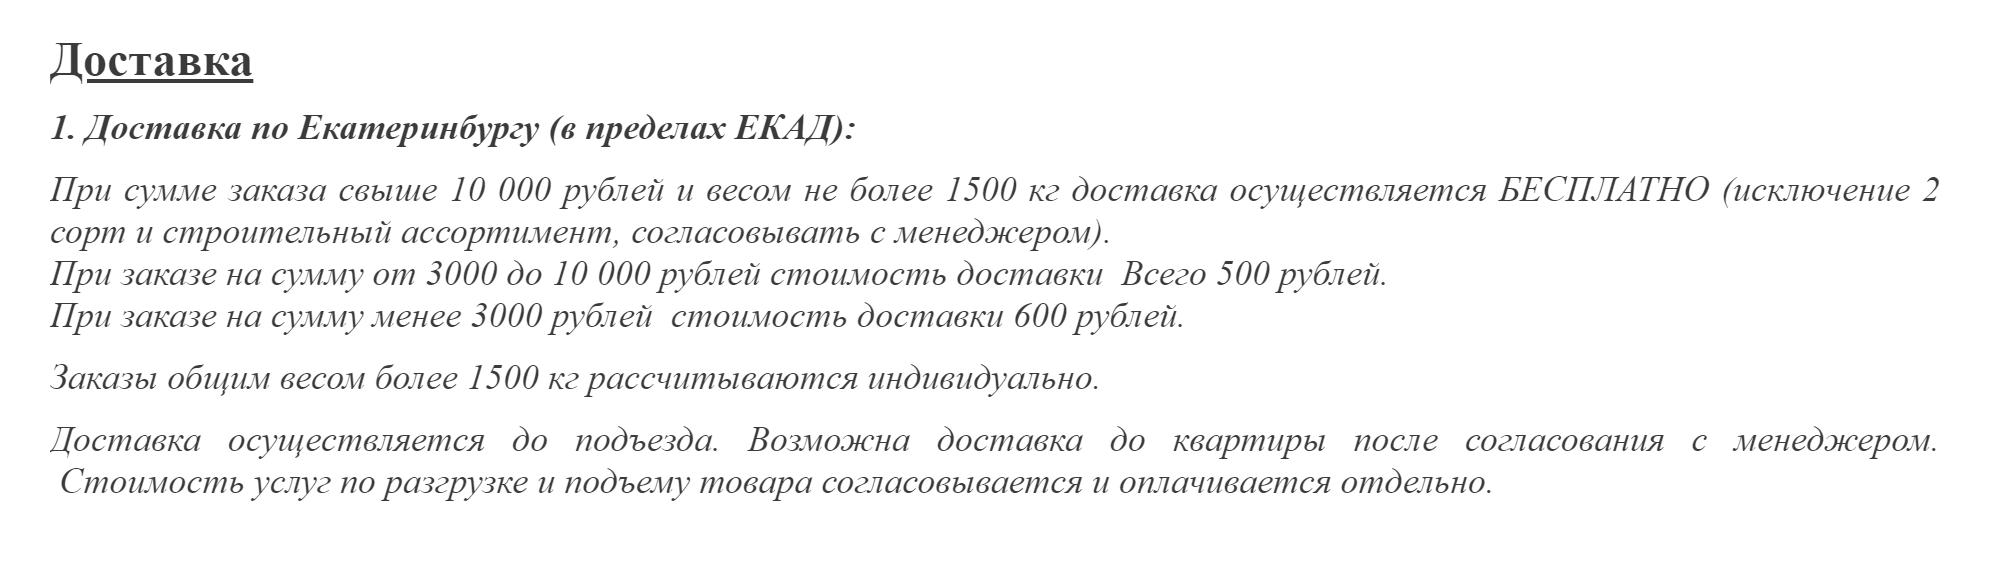 Сколько стоит доставка стройматериалов по Екатеринбургу